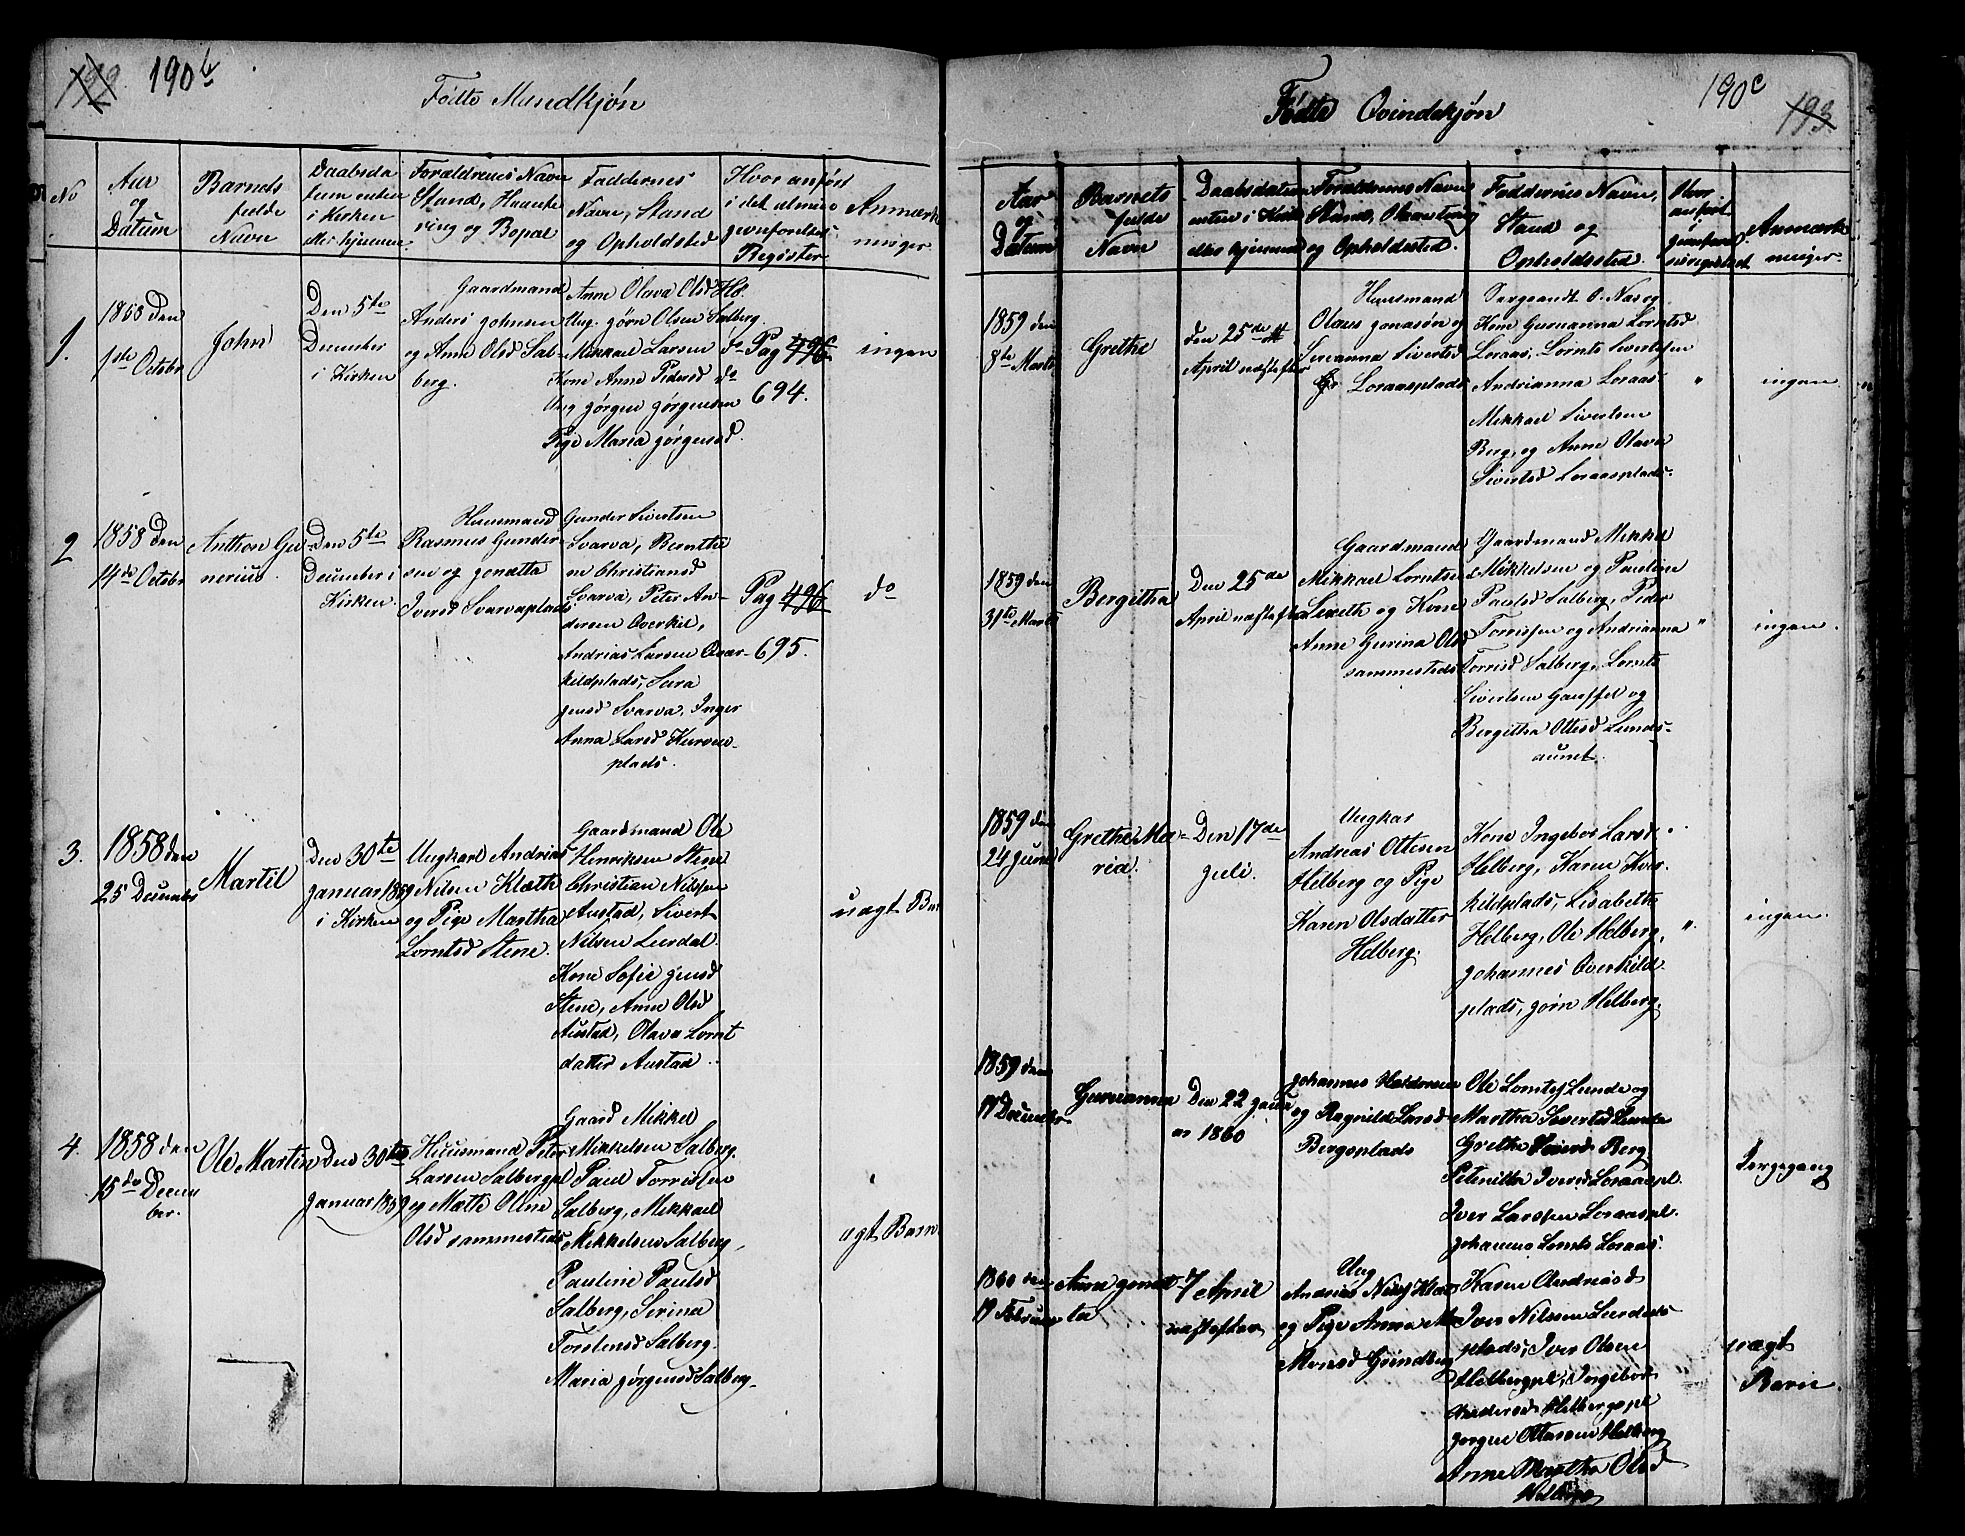 SAT, Ministerialprotokoller, klokkerbøker og fødselsregistre - Nord-Trøndelag, 731/L0310: Klokkerbok nr. 731C01, 1816-1874, s. 190c-190d